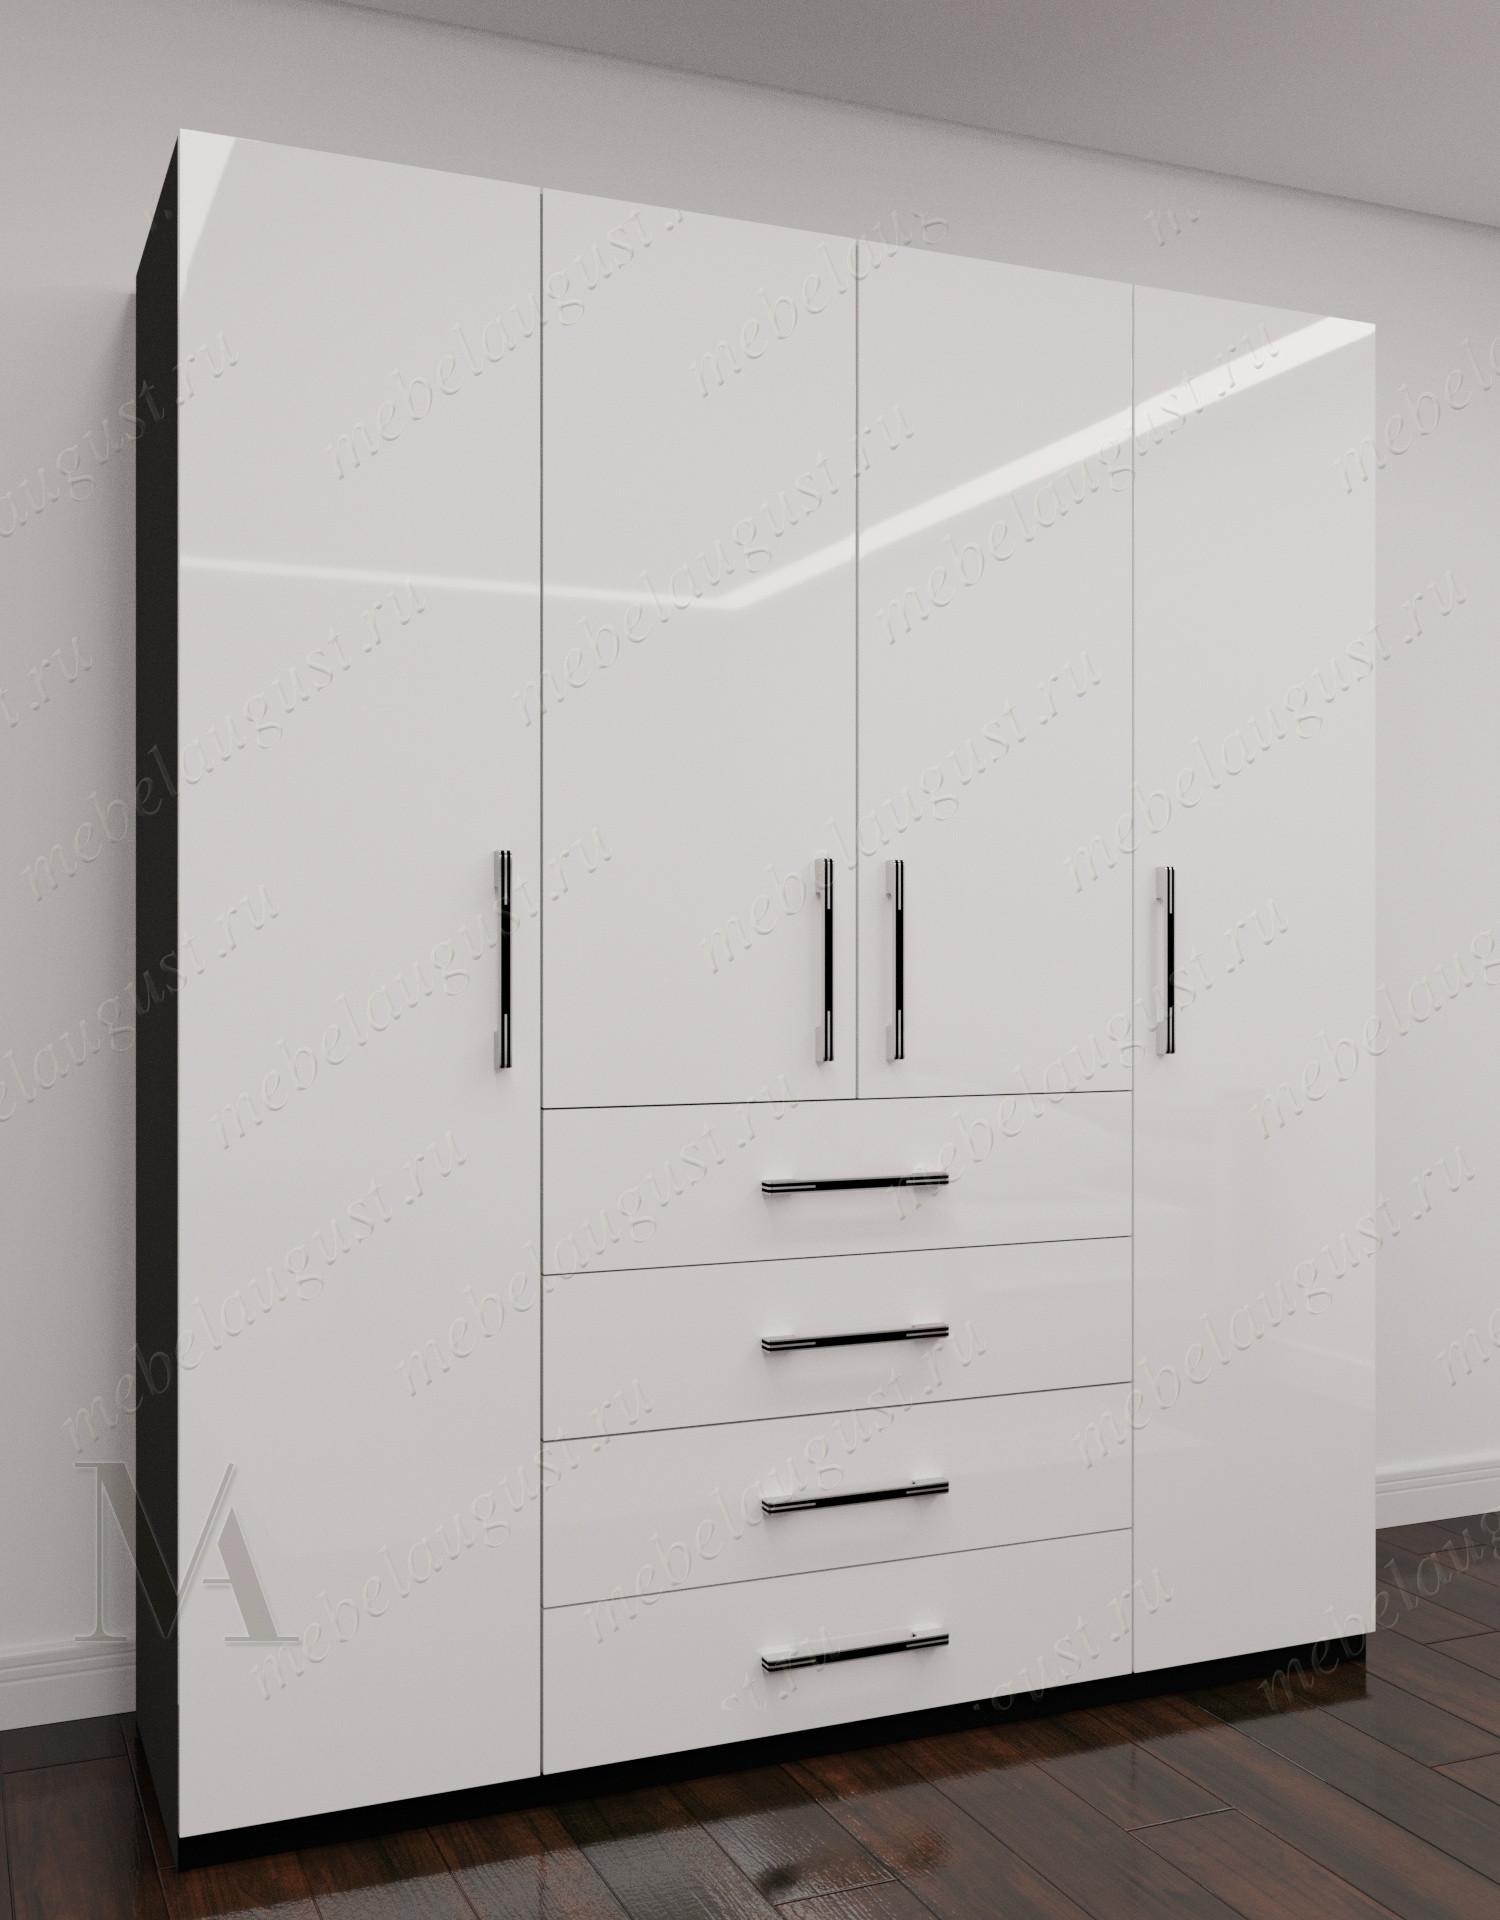 Черно-белый глянцевый 4-дверный распашной шкаф для одежды с ящиками для мелочей в спальню